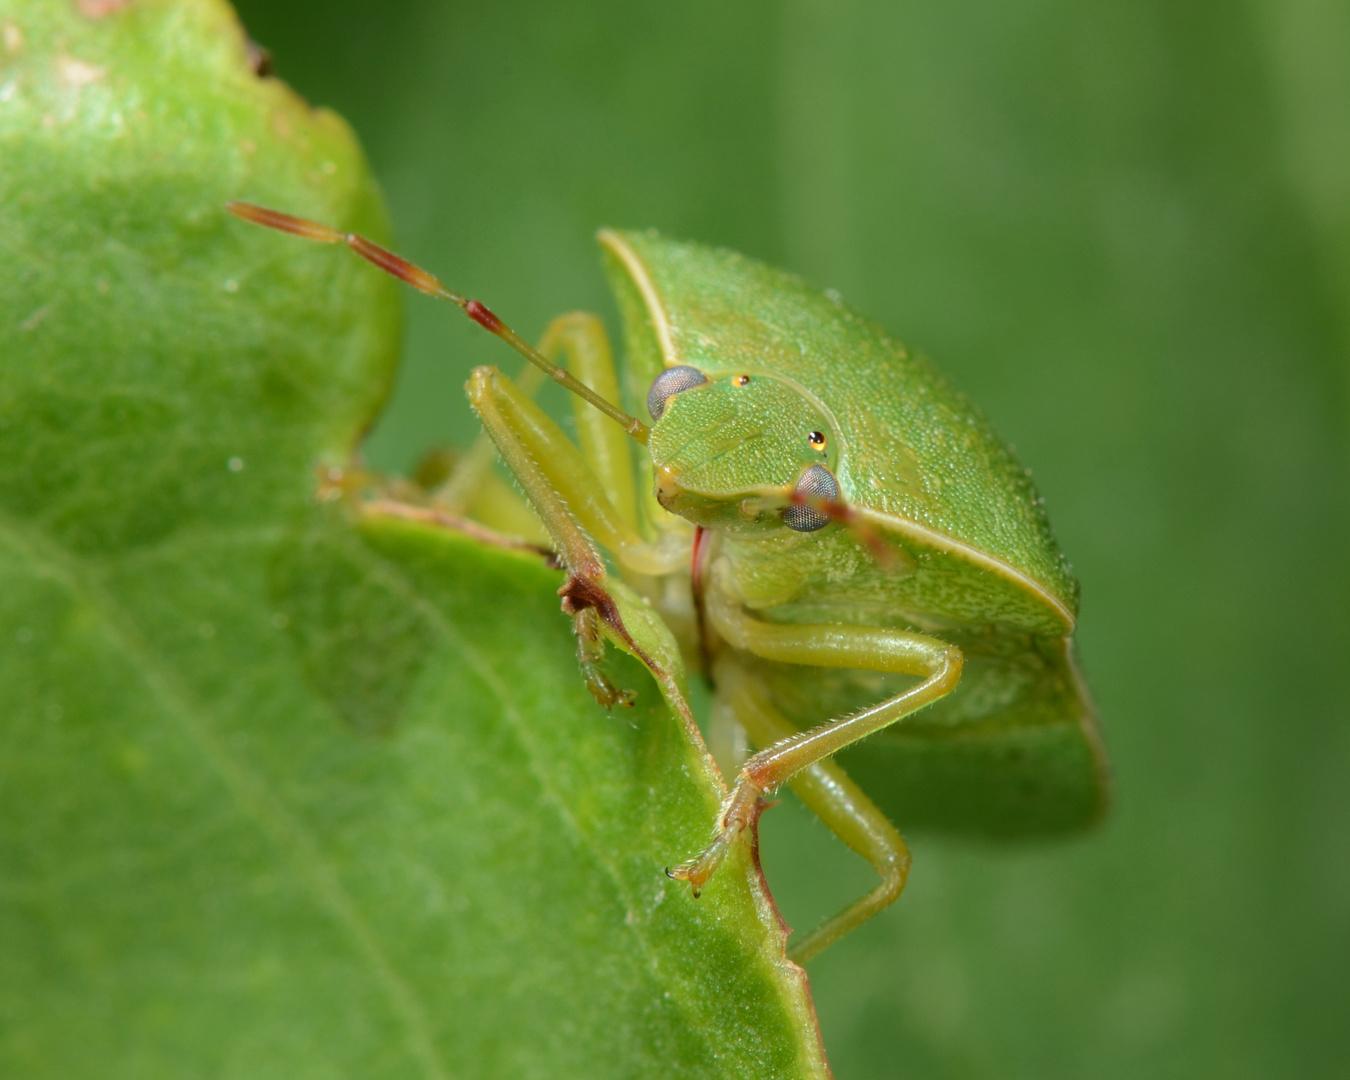 Punaise, je suis vert! je te vois ...